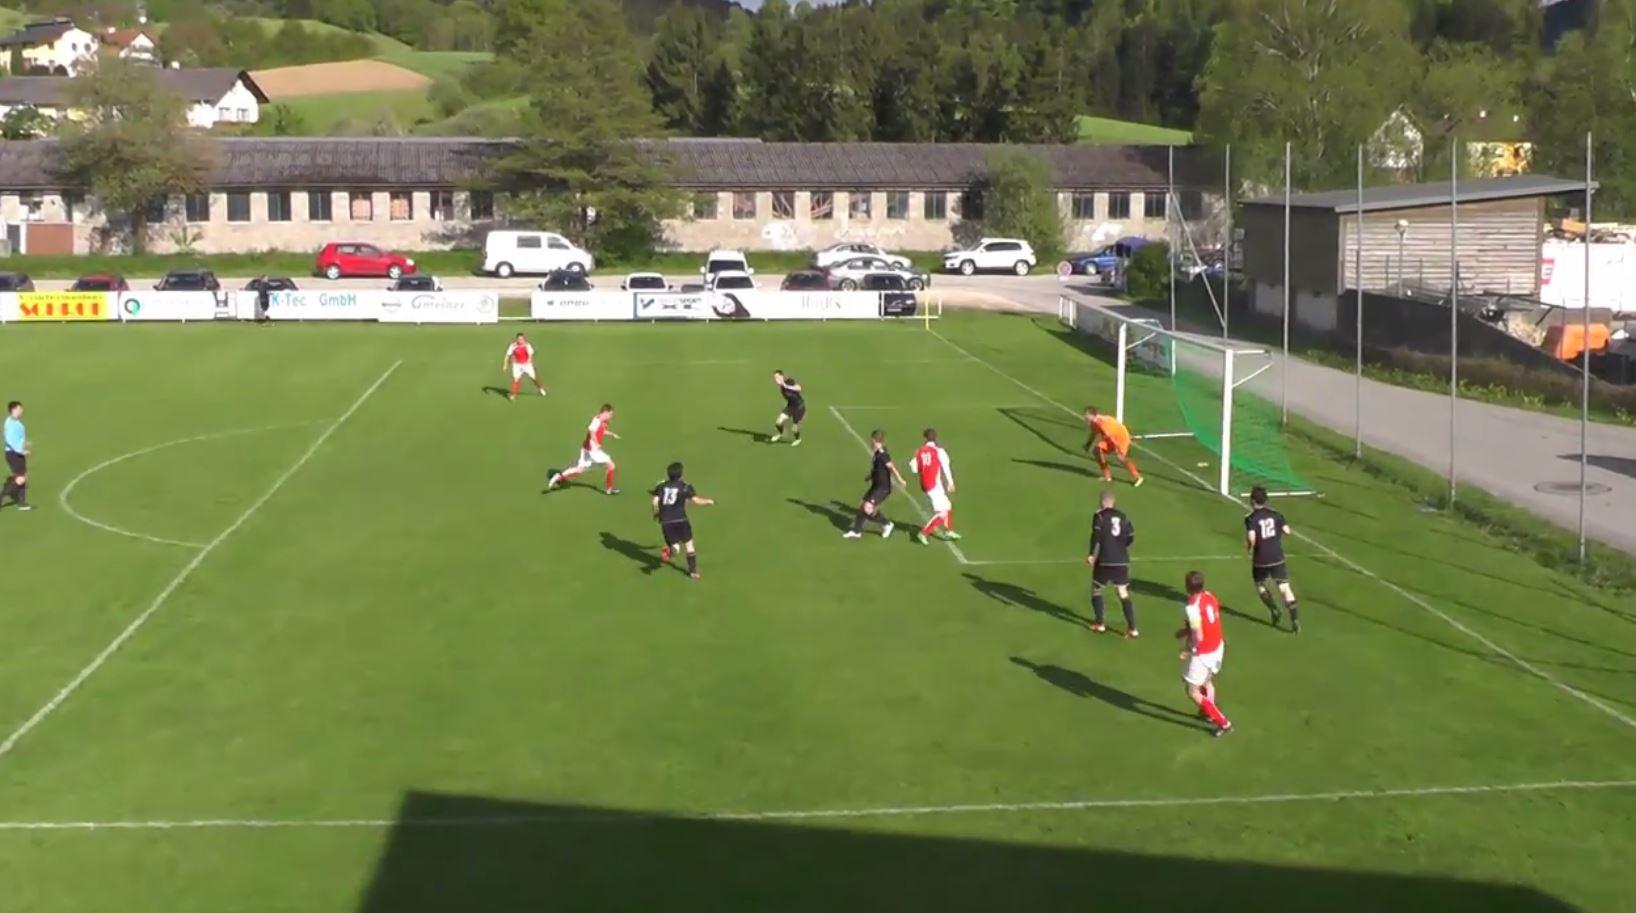 04.05.2014: SG Waldhausen/G. – SV Kleinpöchlarn 1:1